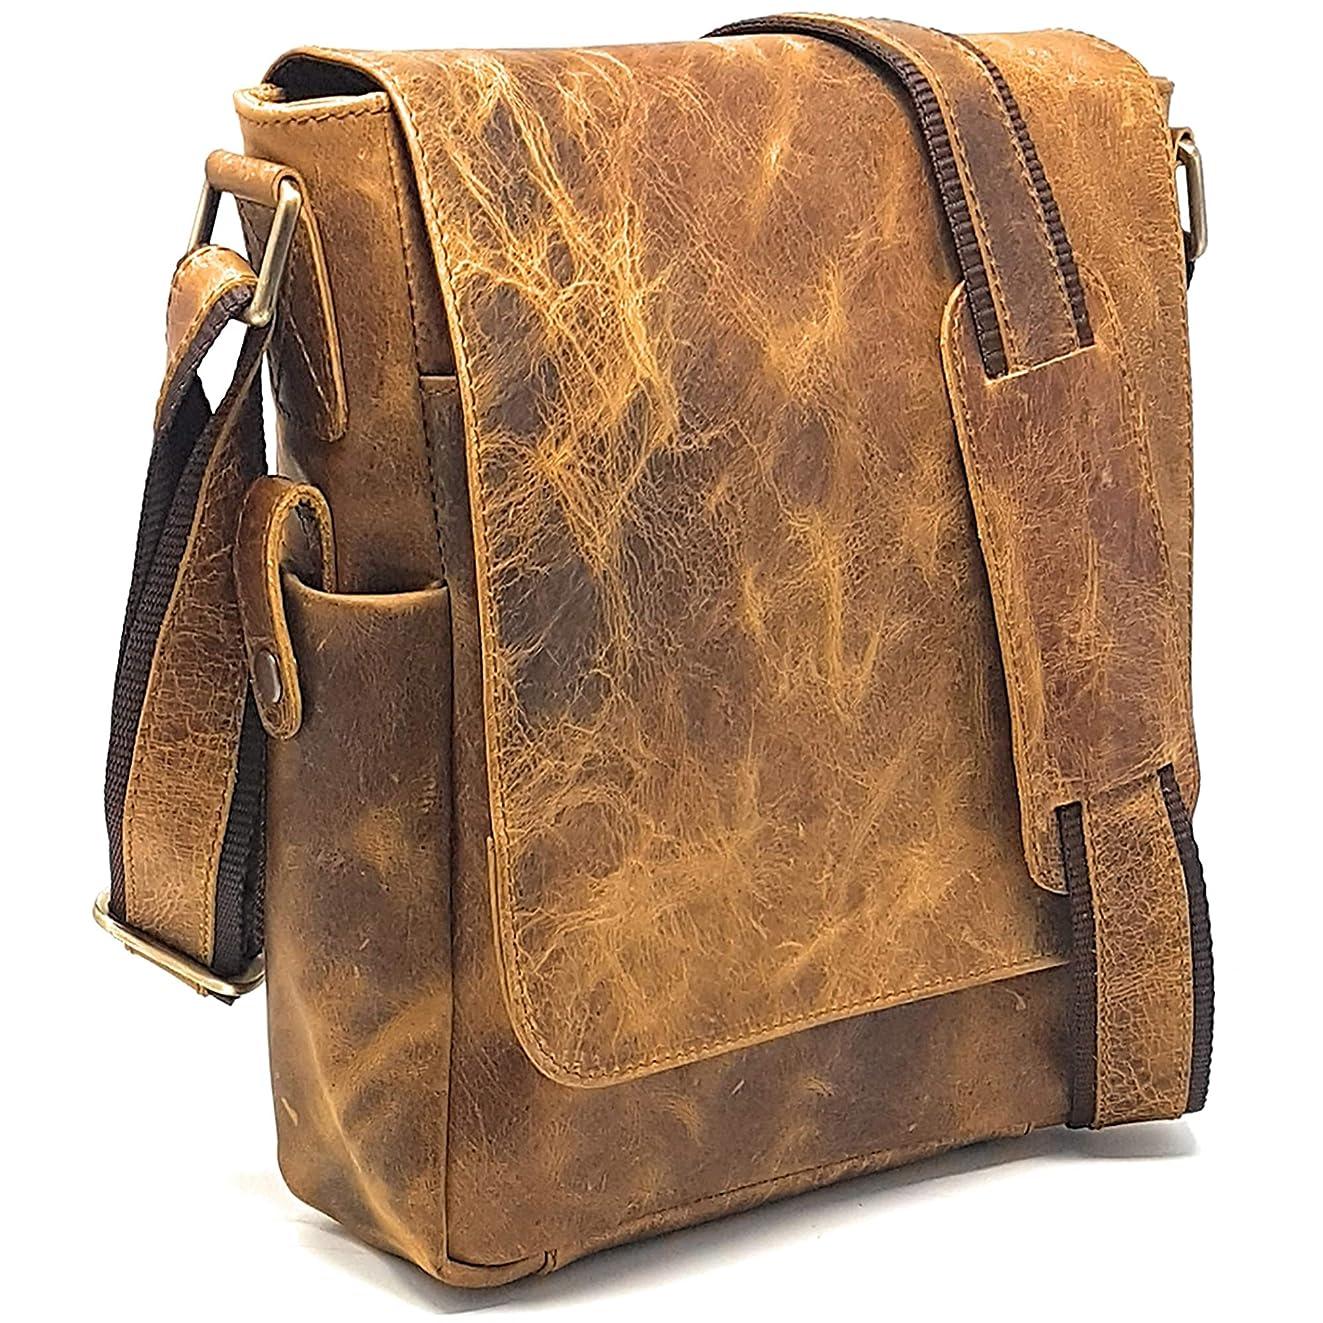 Vintage Look Leather Tablet Man Bag, Sling Bag, Crossbody Messenger Satchel (2 Rugged Tan)